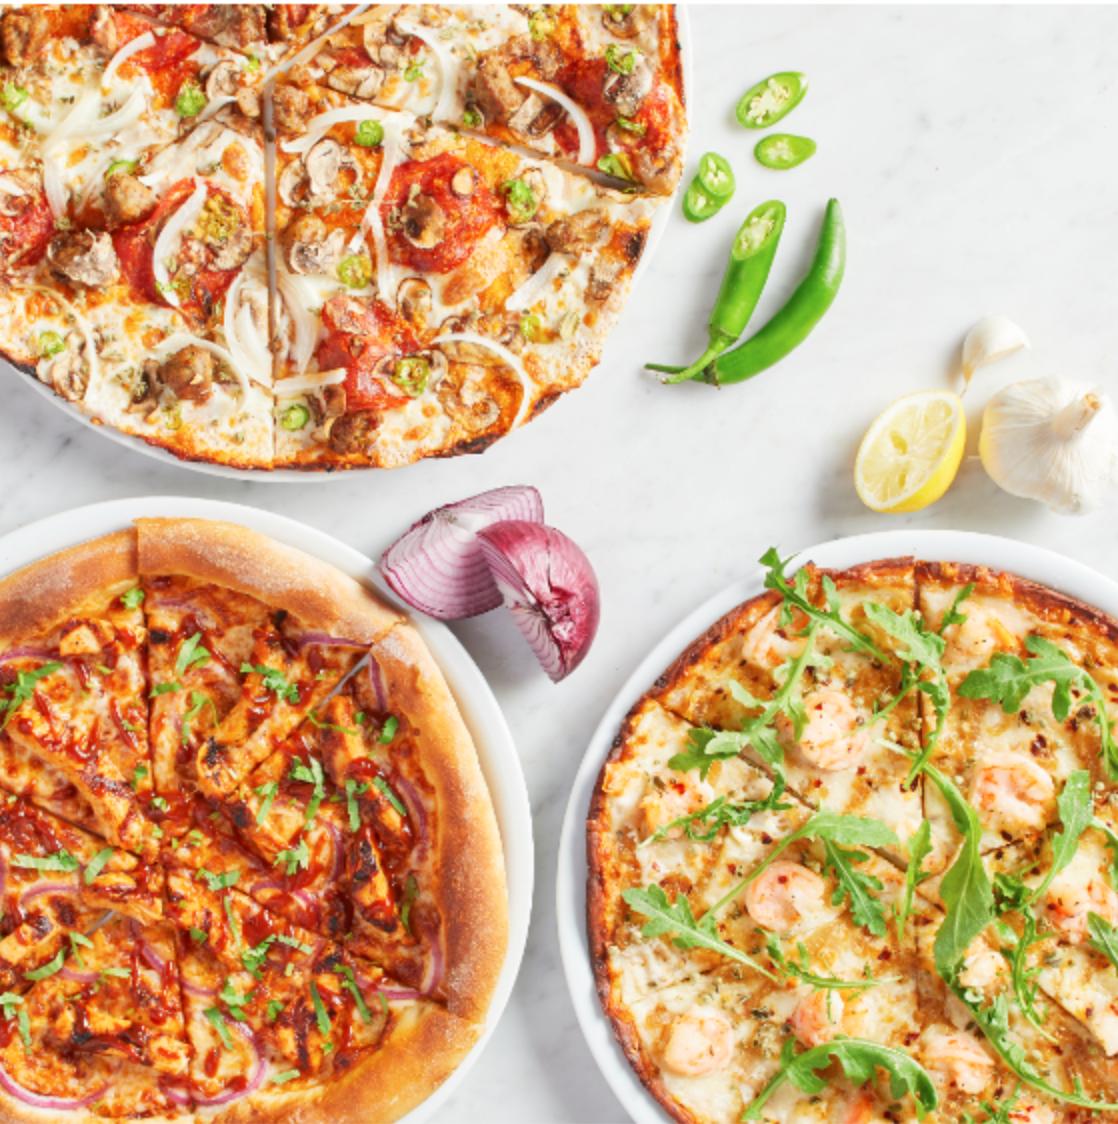 """california pizza kitchen uva f 1553 Michael j schill darden graduate school of business administration tel: 434-924-4071 """"california pizza kitchen"""" (uva-f-1553 and tn) """"emi, plc."""